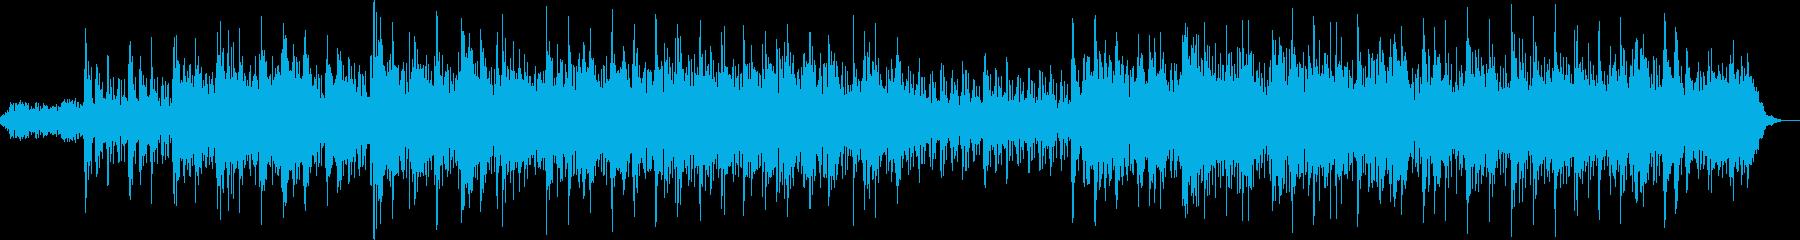 爽やかで穏やかなヒーリングBGMの再生済みの波形